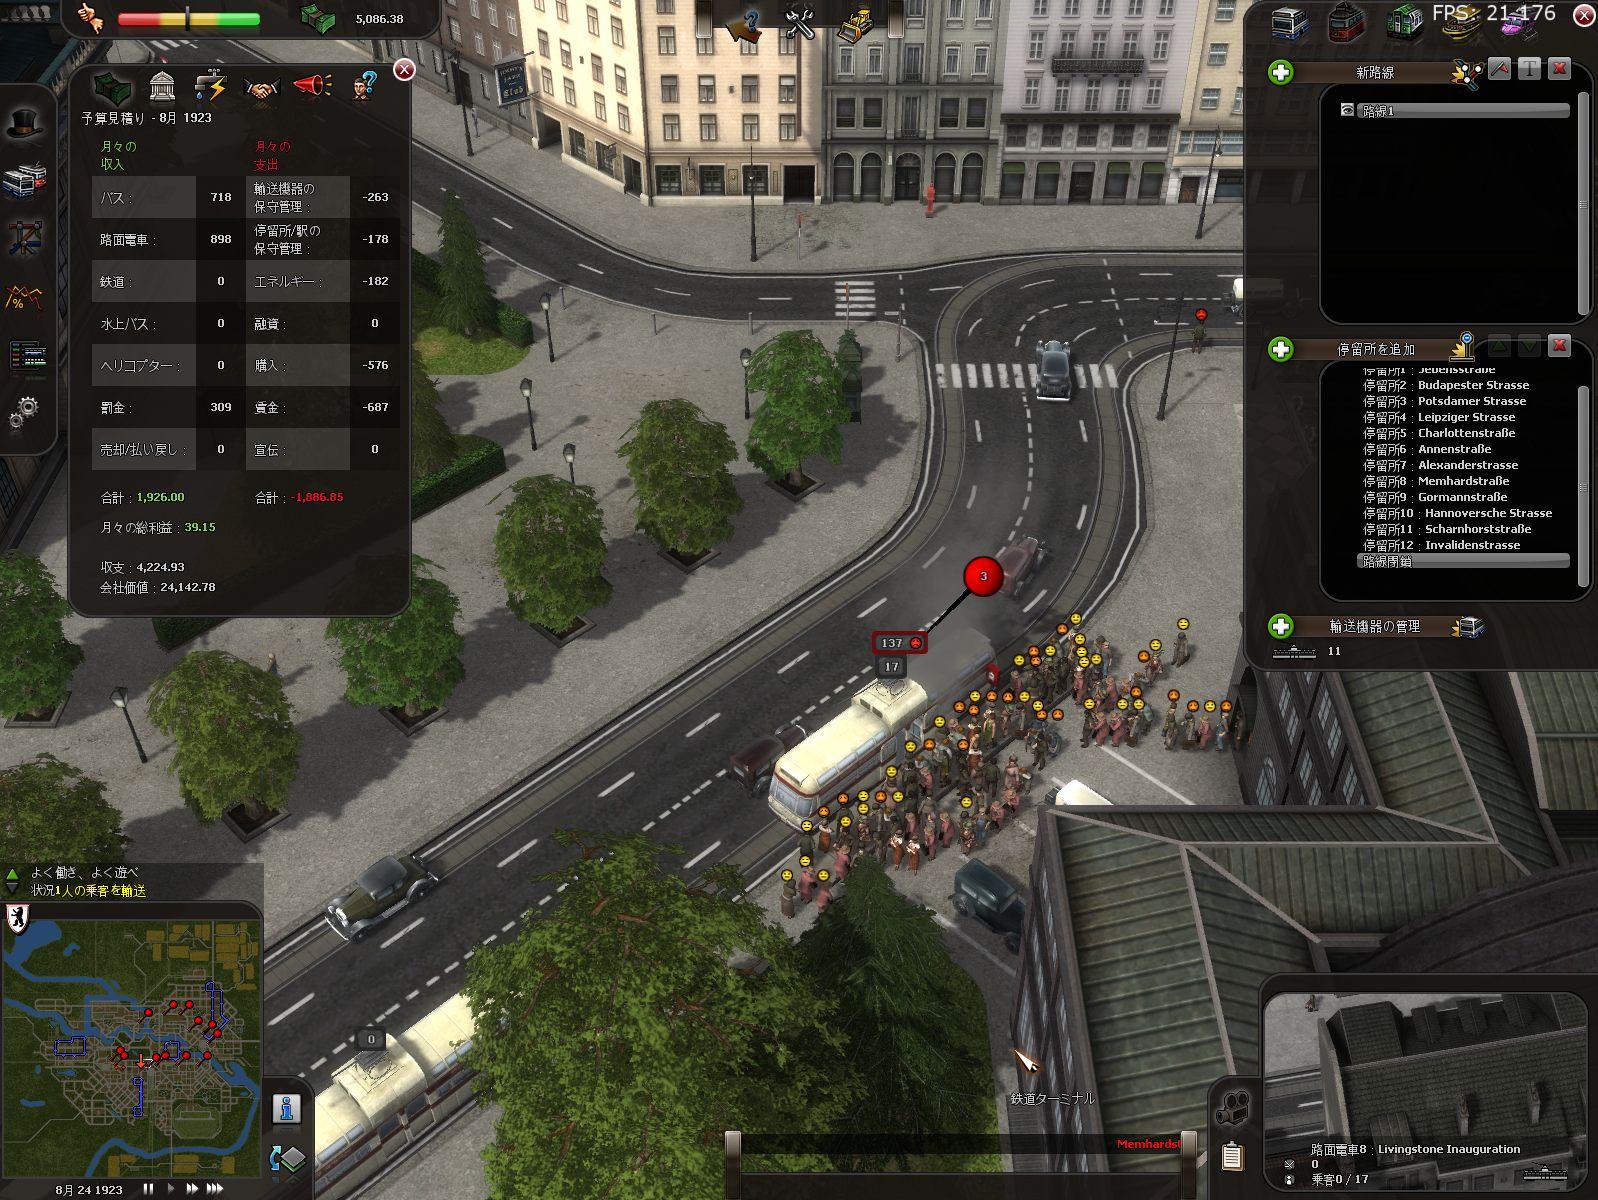 遊びをせんとや cities in motionのクラッシュ対策